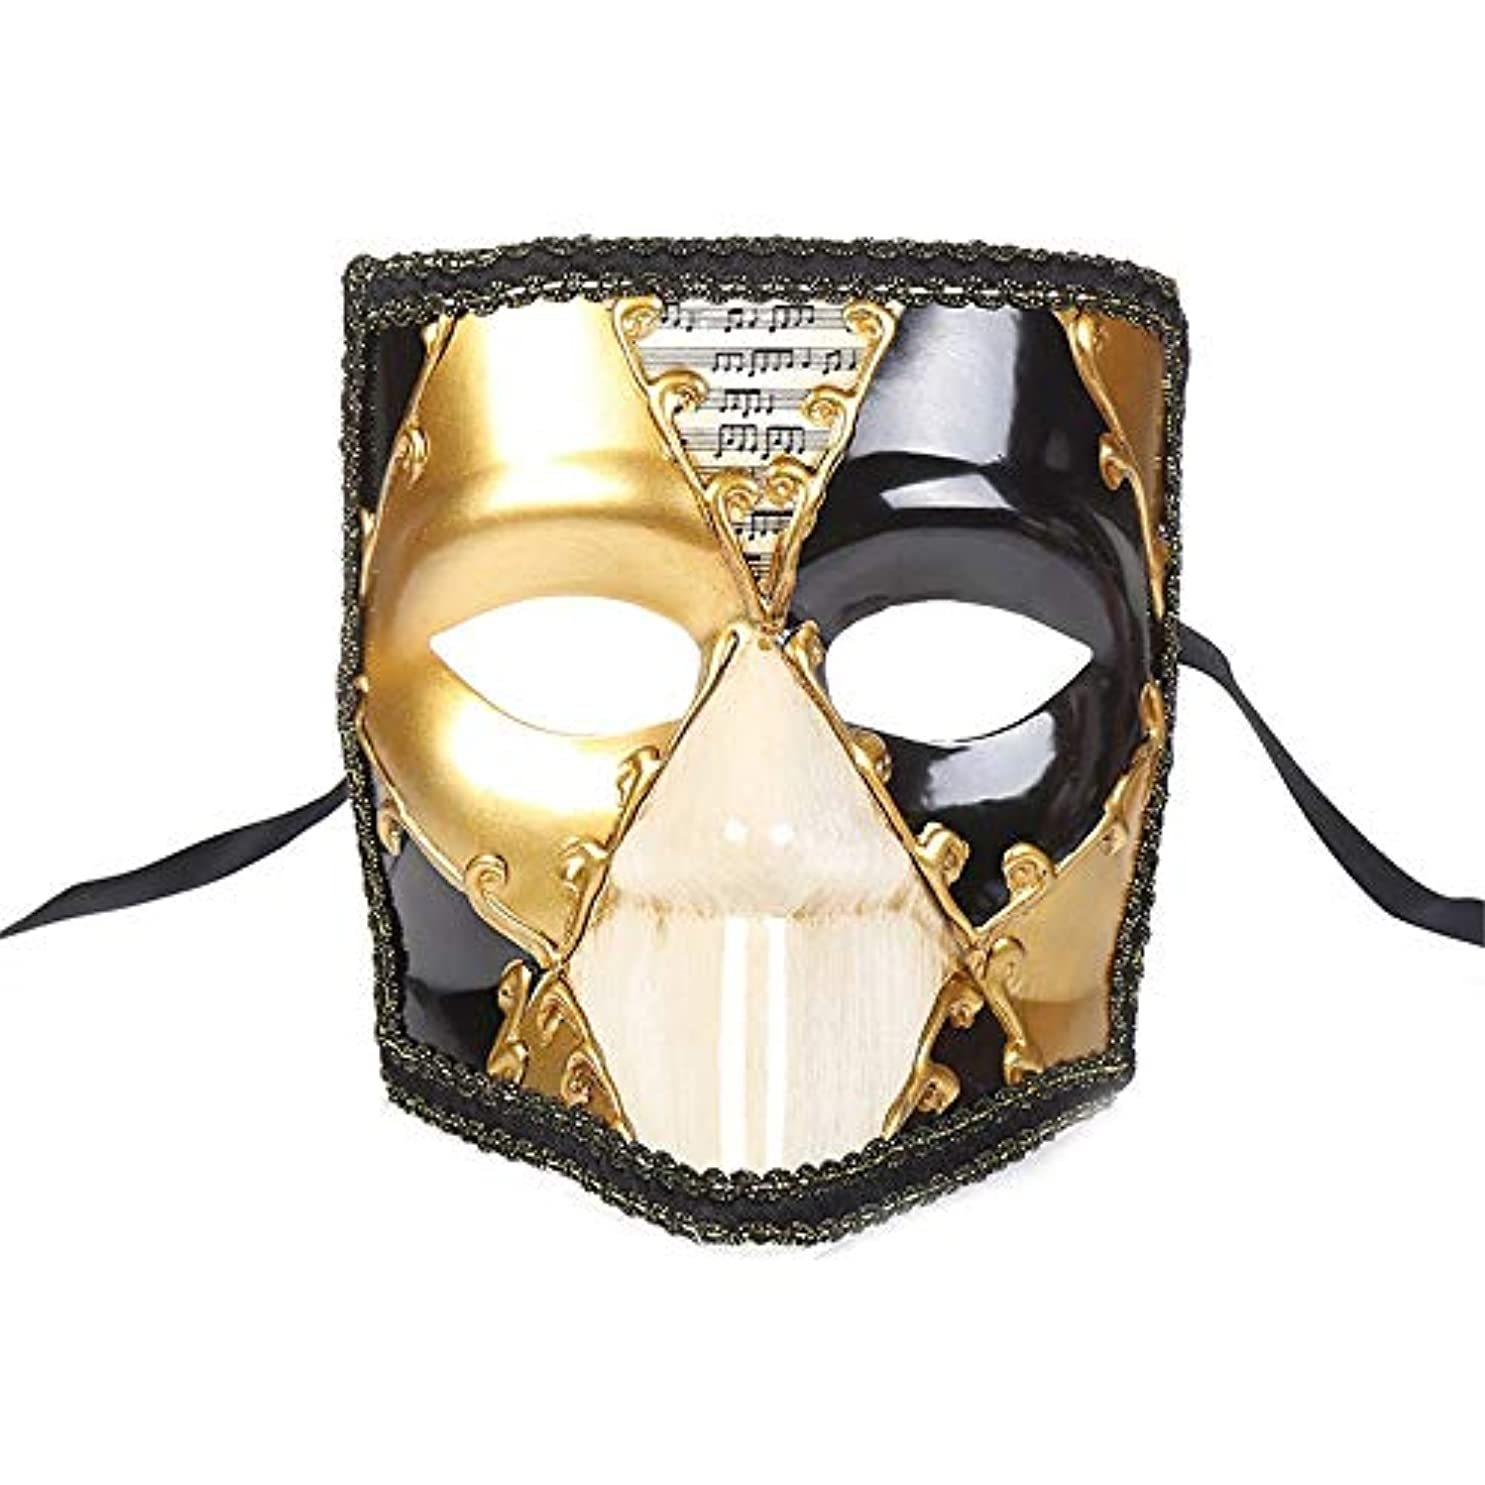 五十テレビを見るプレゼントダンスマスク ピエロマスクヴィンテージマスカレードショーデコレーションコスプレナイトクラブプラスチック厚いマスク ホリデーパーティー用品 (色 : 黄, サイズ : 18x15cm)